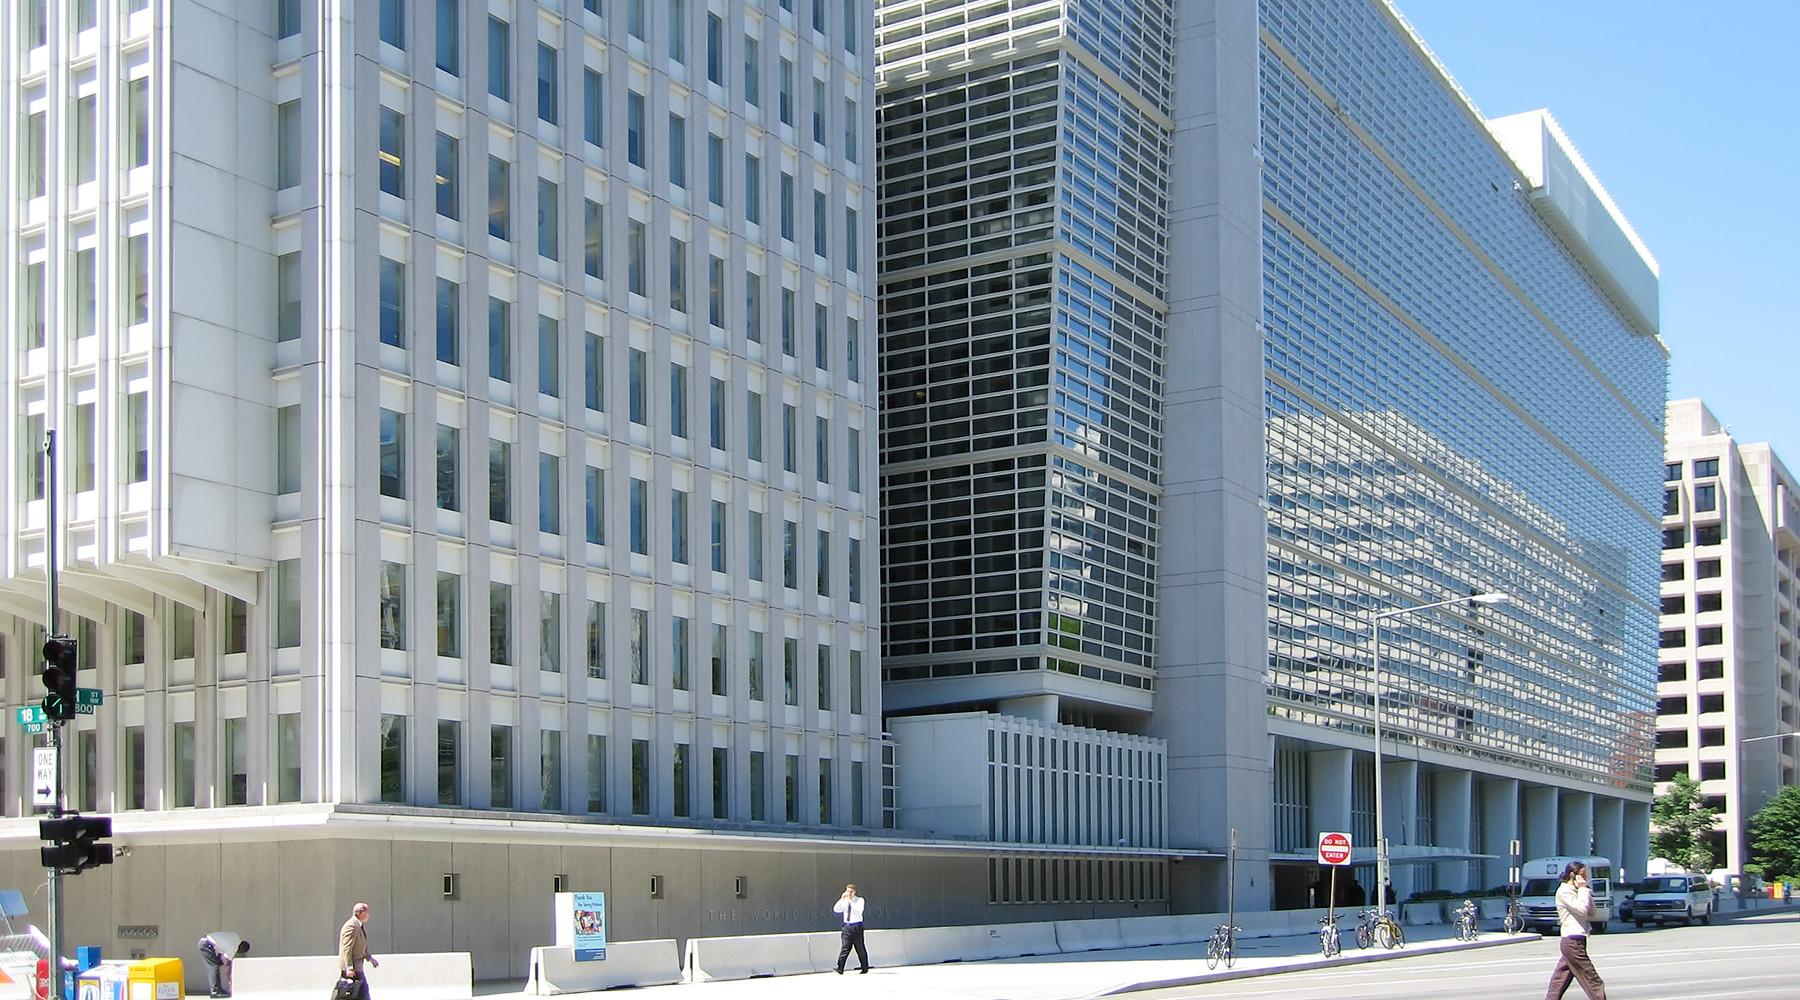 Всемирный банк повысил прогноз по темпам роста ВВП России в 2018 году до 1,7%